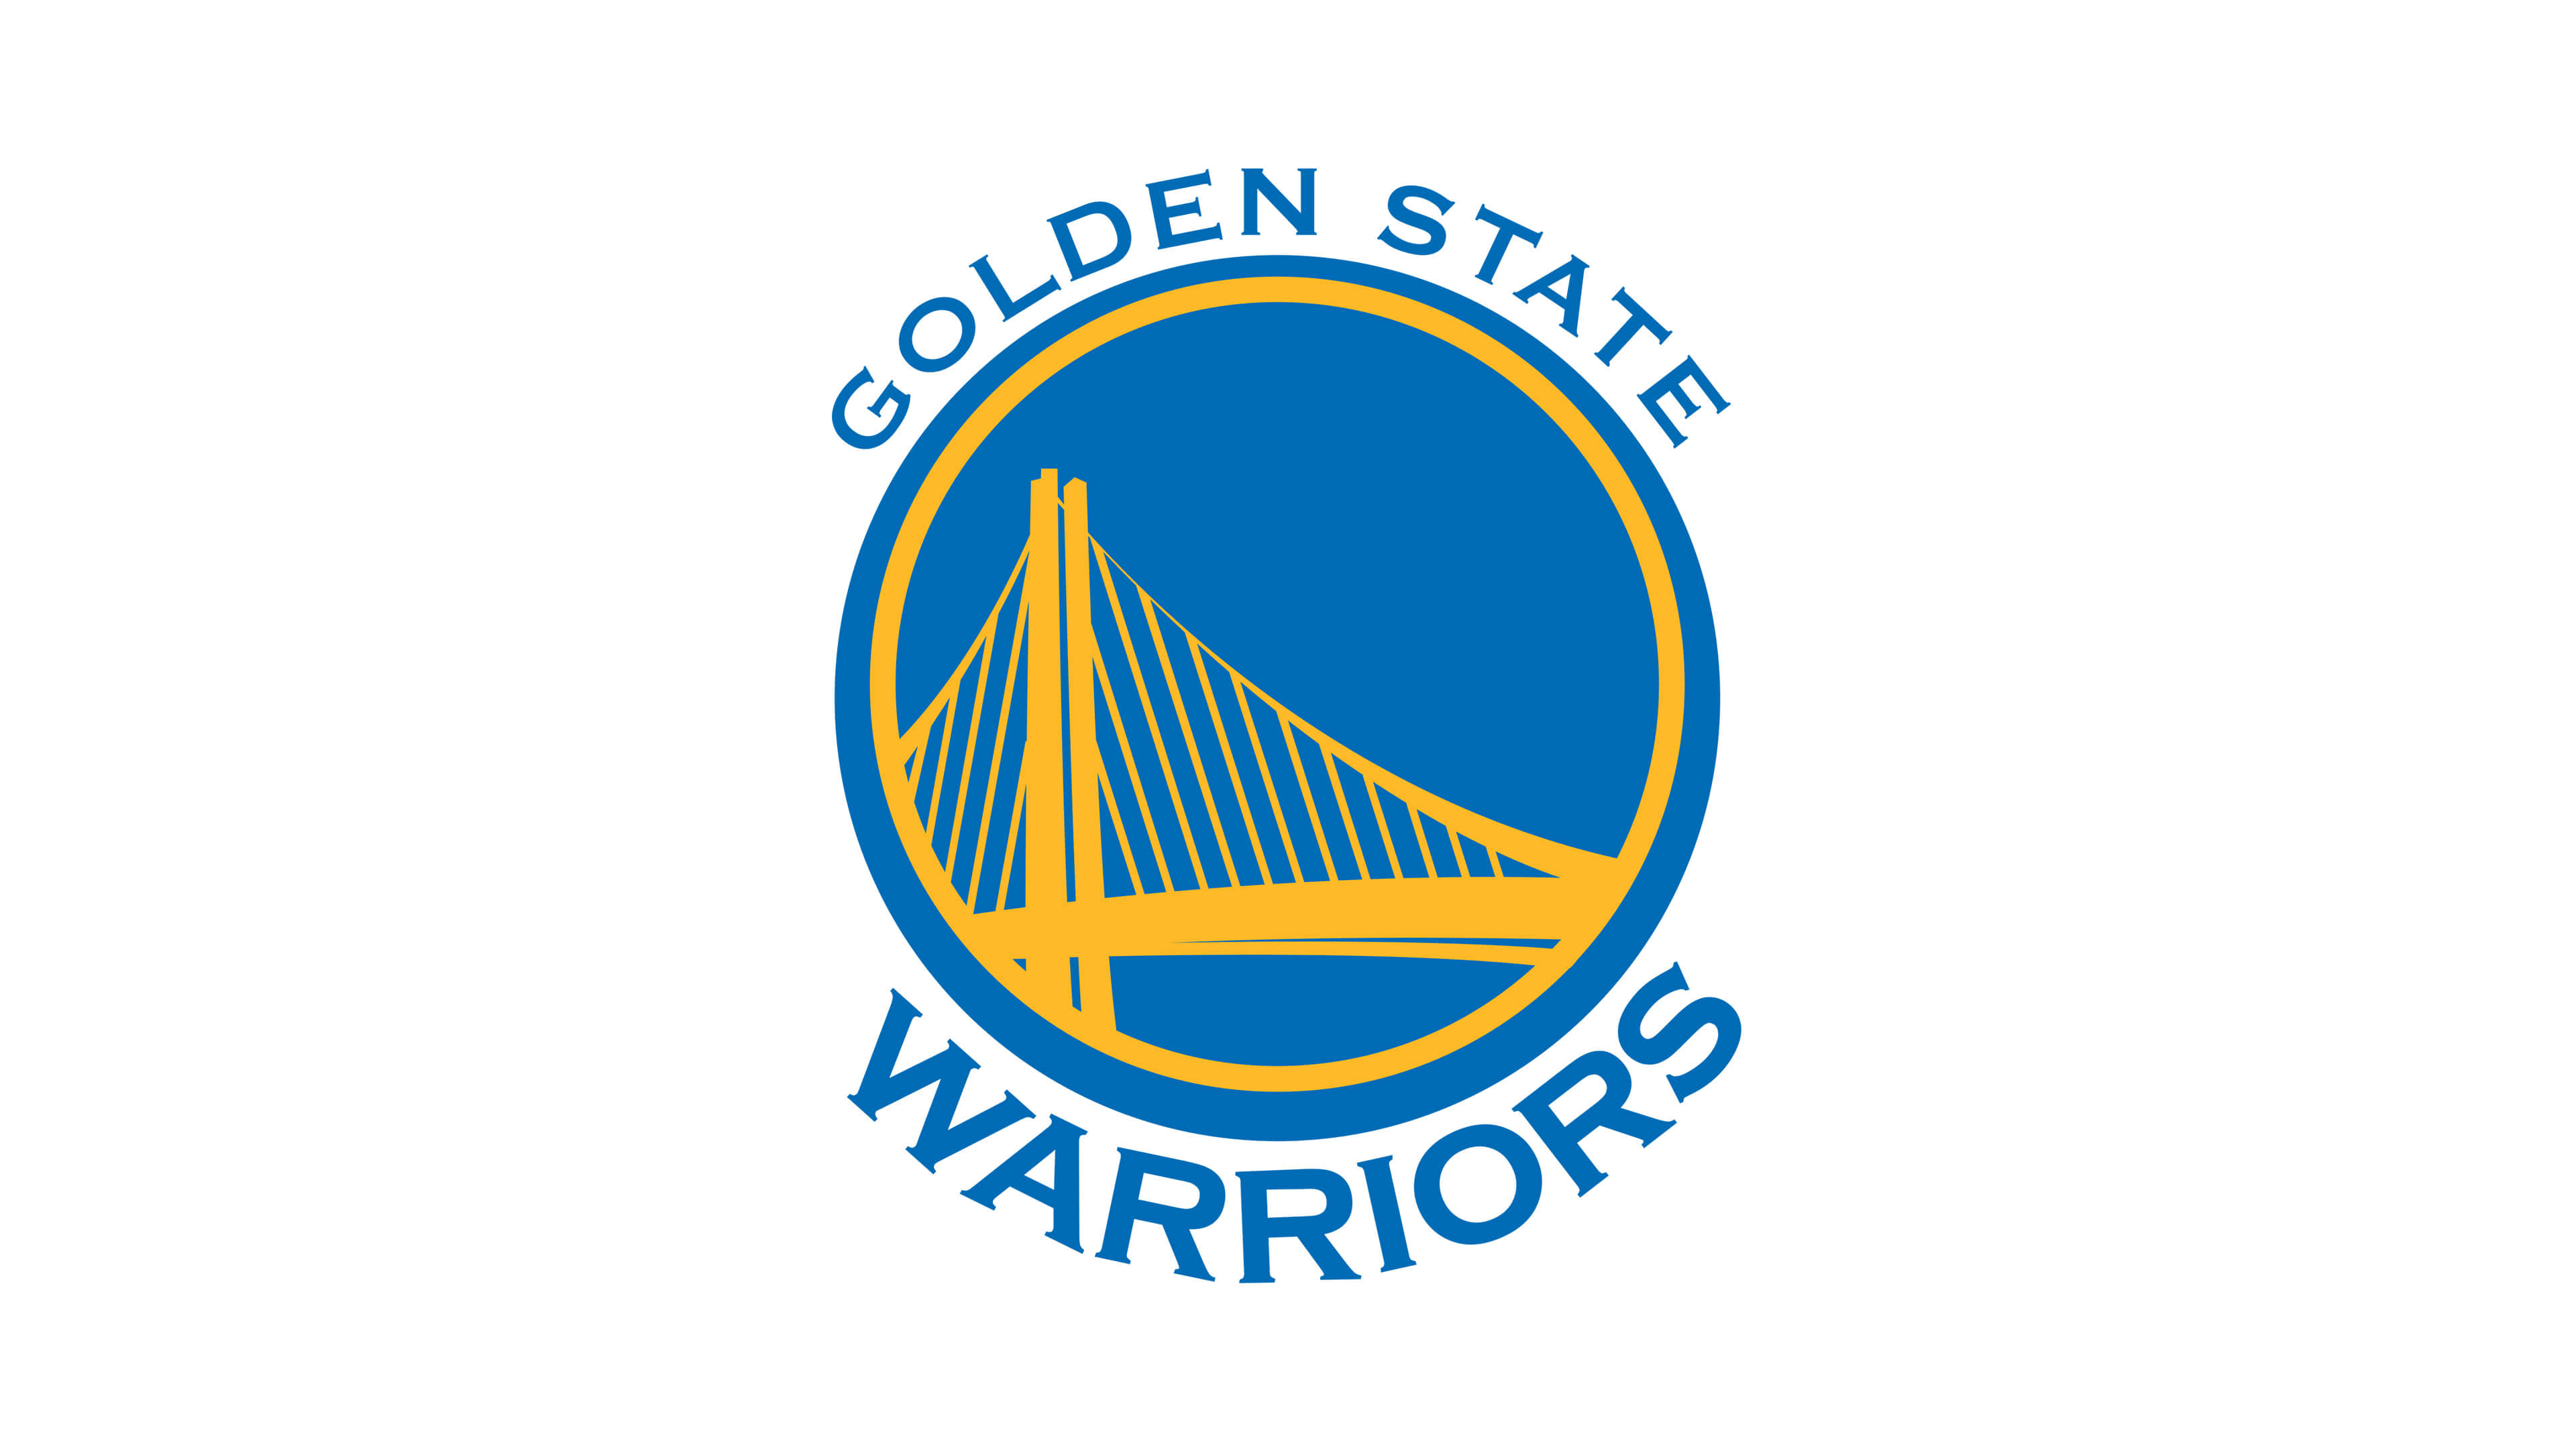 golden state warriors nba logo uhd 4k wallpaper